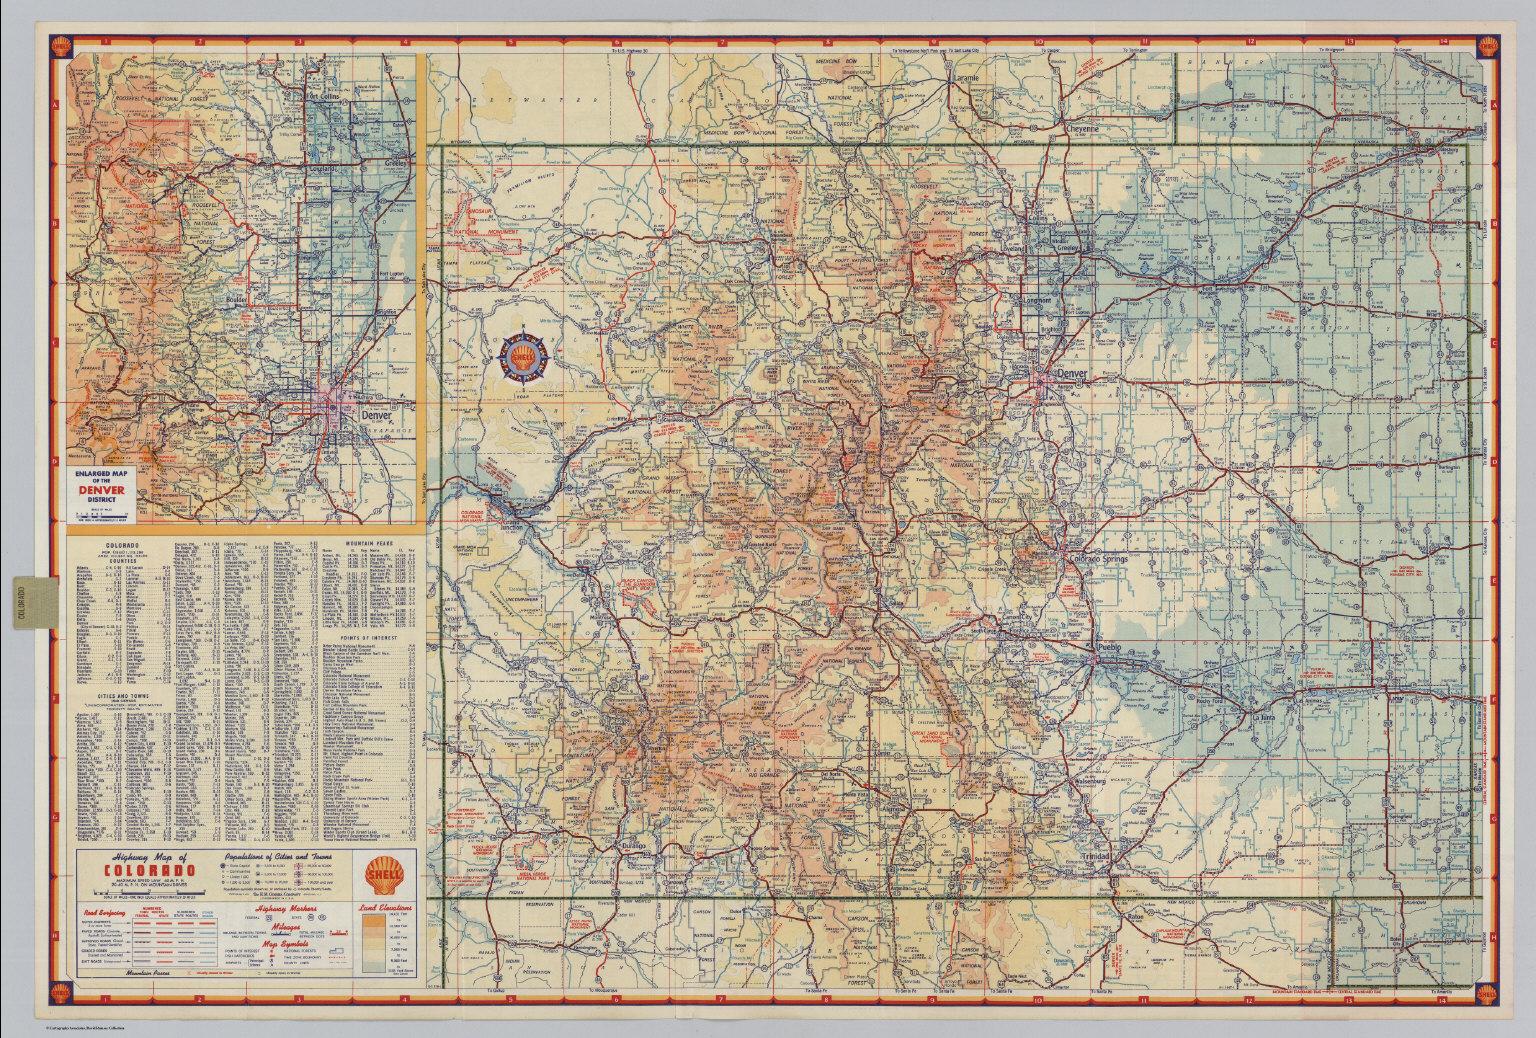 Road Map Of Colorado on forest map of colorado, topographical map of colorado, large map of colorado, river map of colorado, water of colorado, travel map of colorado, map of southern colorado, elevation map of colorado, world map of colorado, cities and towns in colorado, physical map of colorado, restaurants of colorado, park map of colorado, home of colorado, all cities in colorado, map of of colorado, locator map of colorado, road atlas of colorado, detailed map colorado, colorado state map colorado,